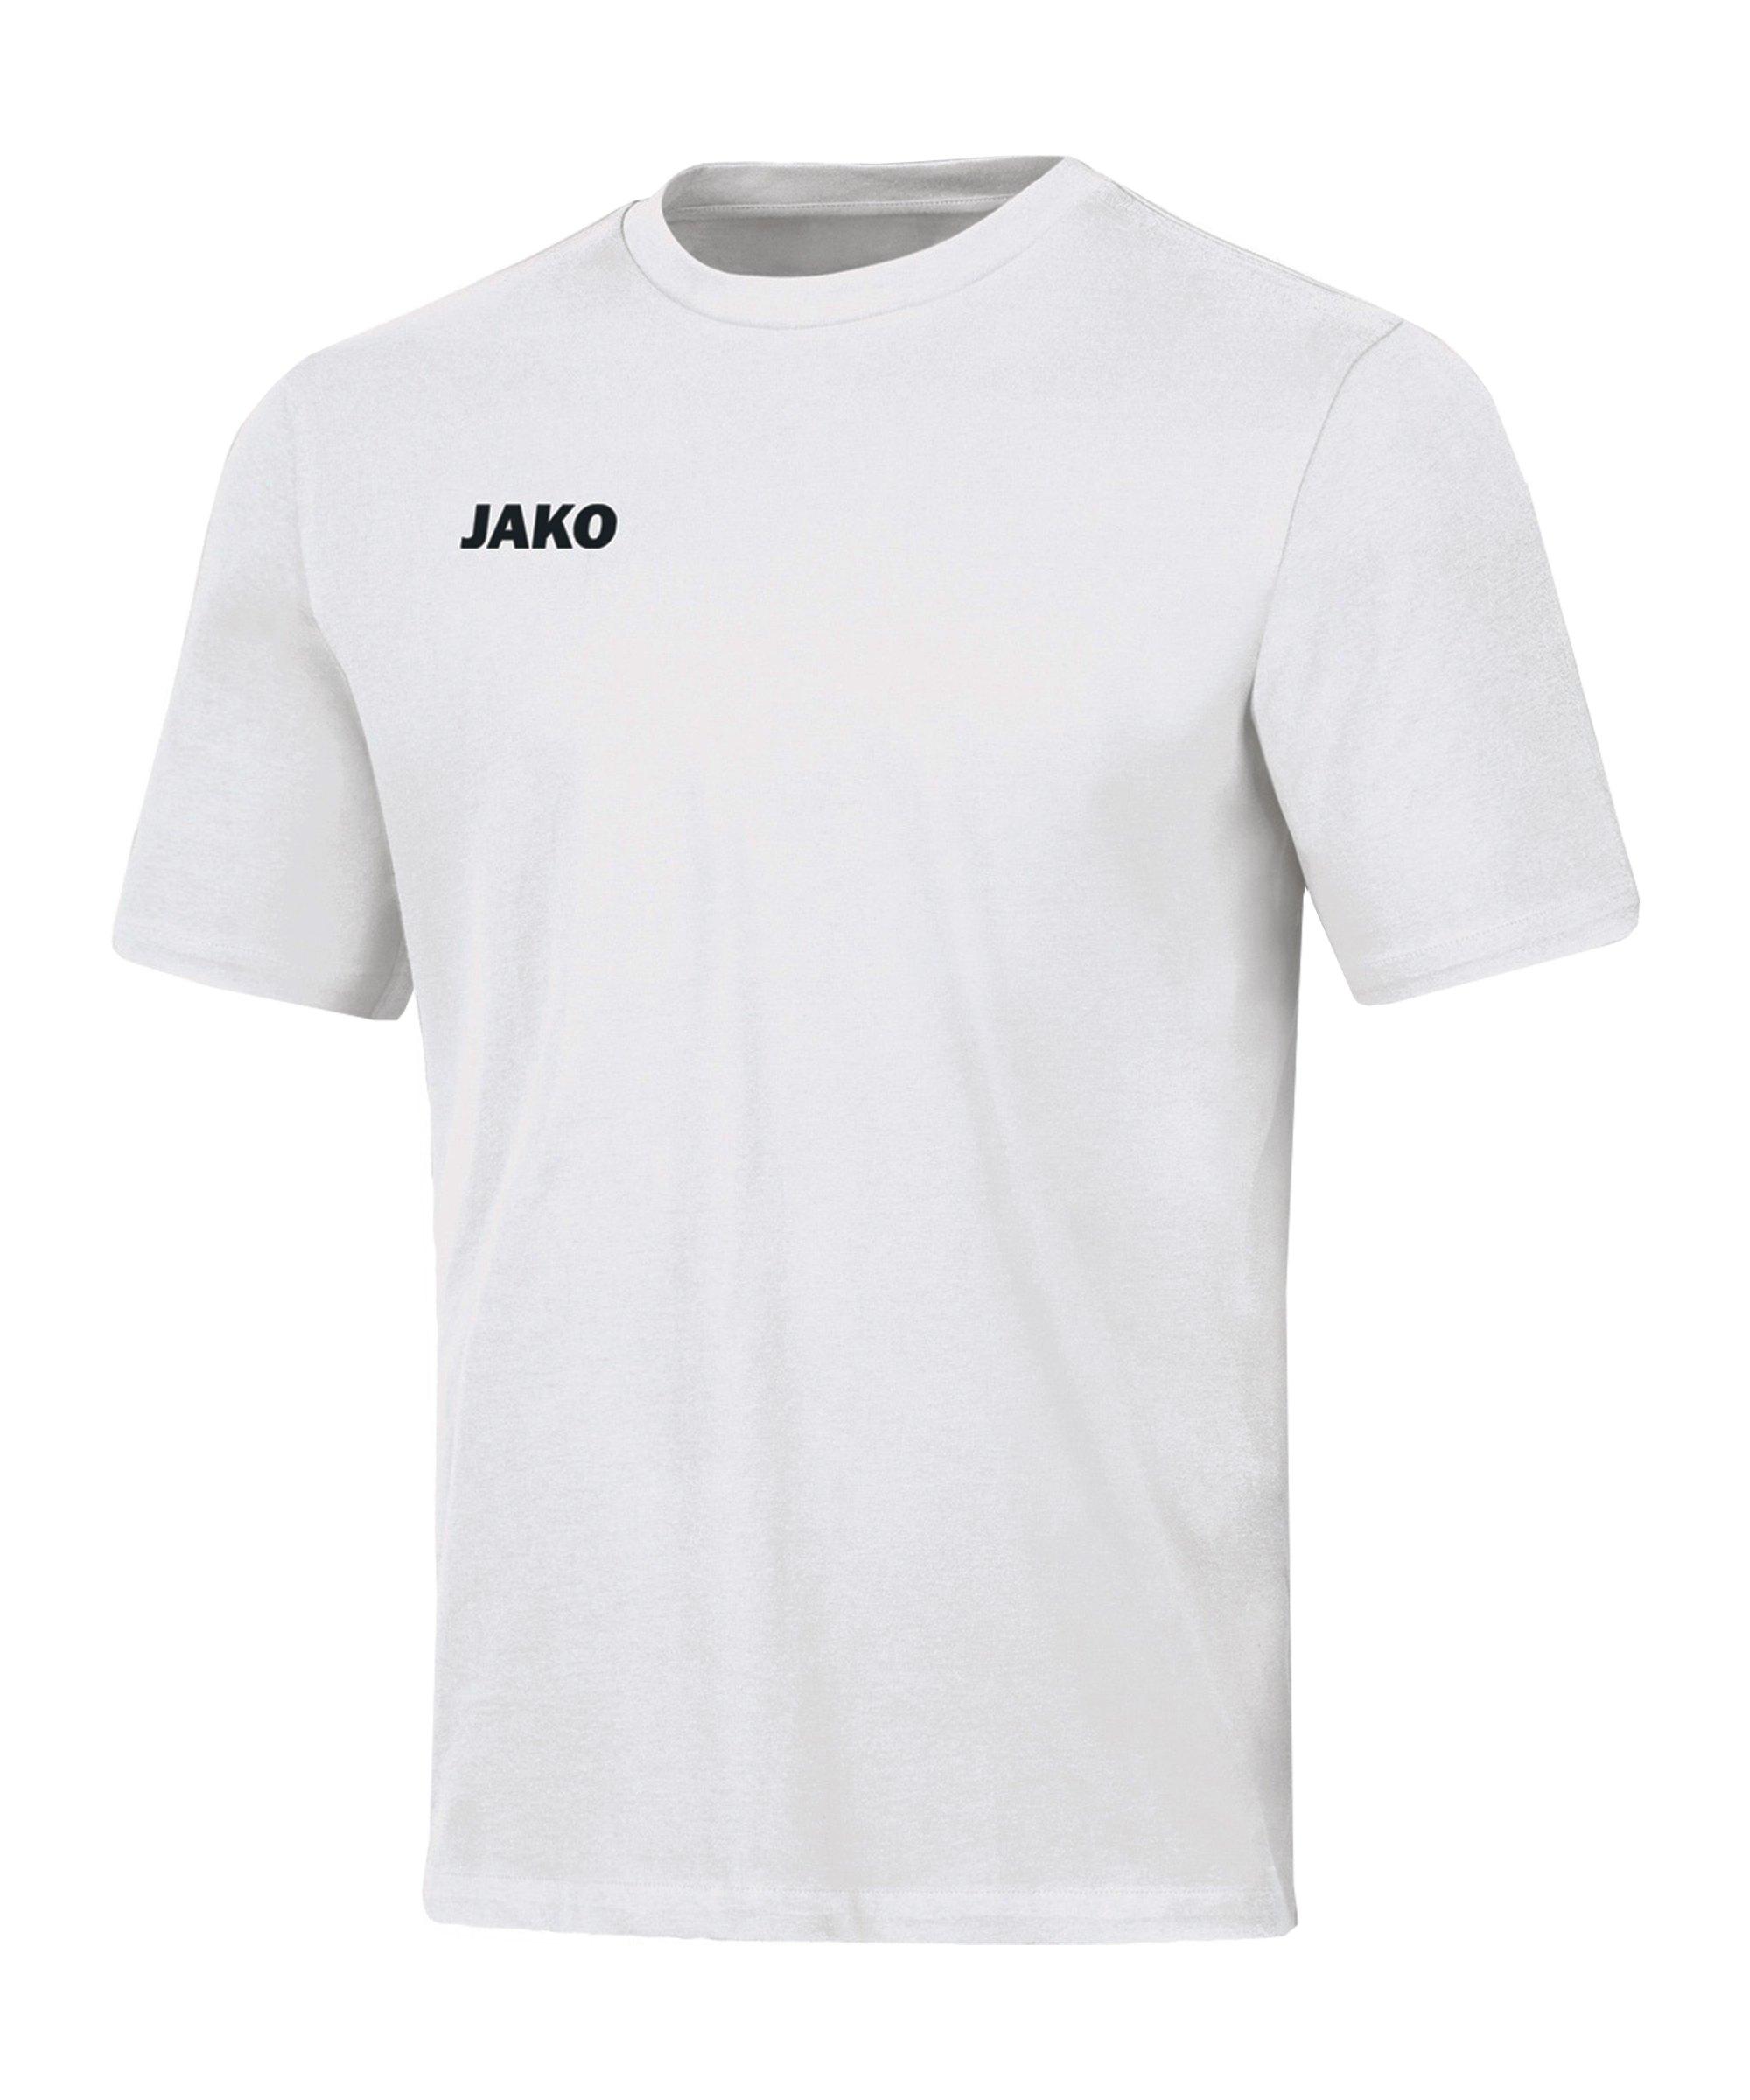 JAKO Base T-Shirt Damen Weiss F00 - weiss